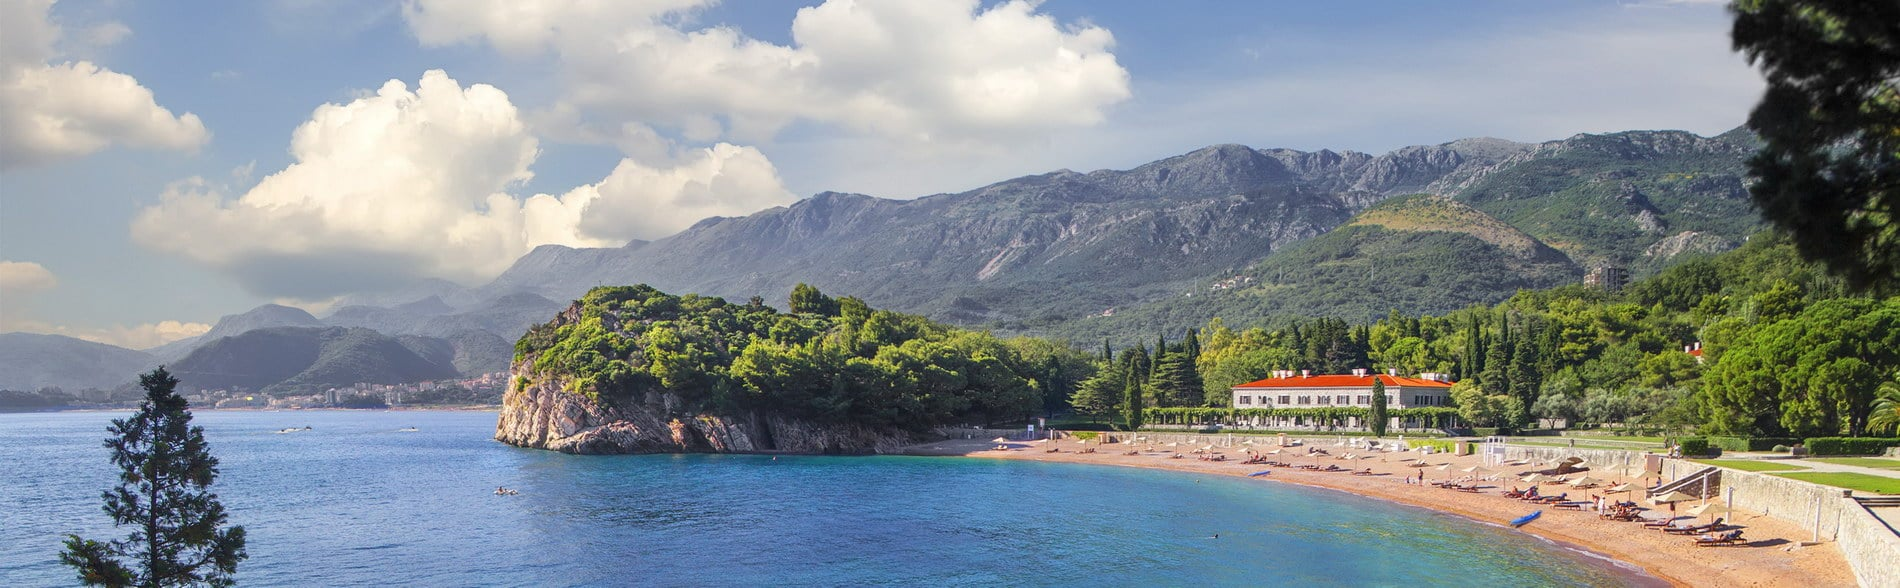 Montenegro wedding planner Villa Milocer